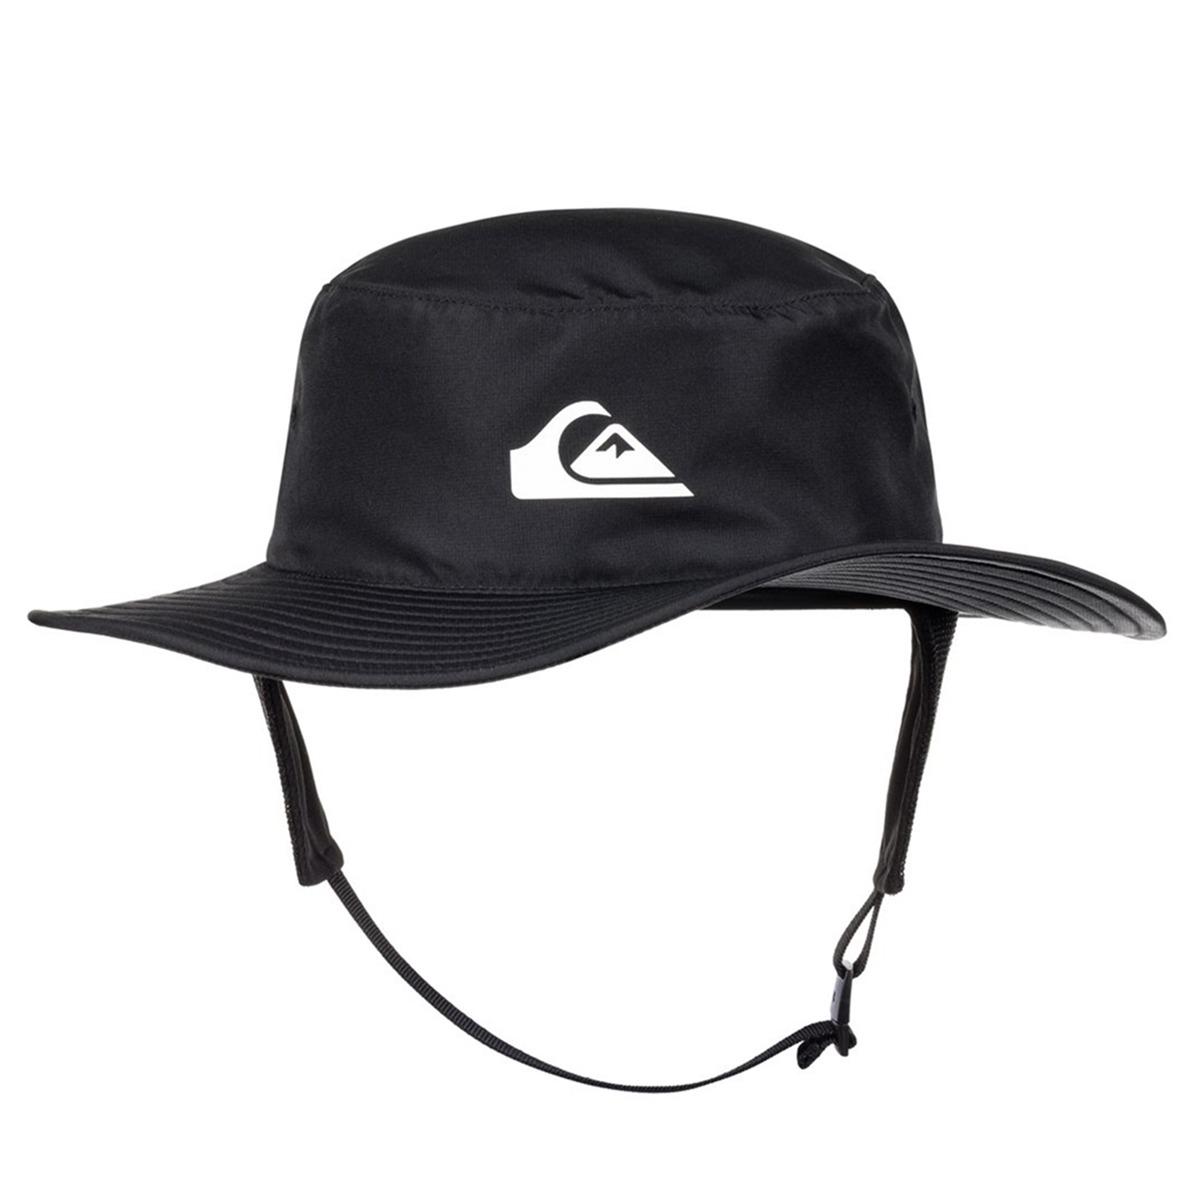 cdfb3e428ffe5 chapéu australiano quiksilver bushmaster surf preto. Carregando zoom.